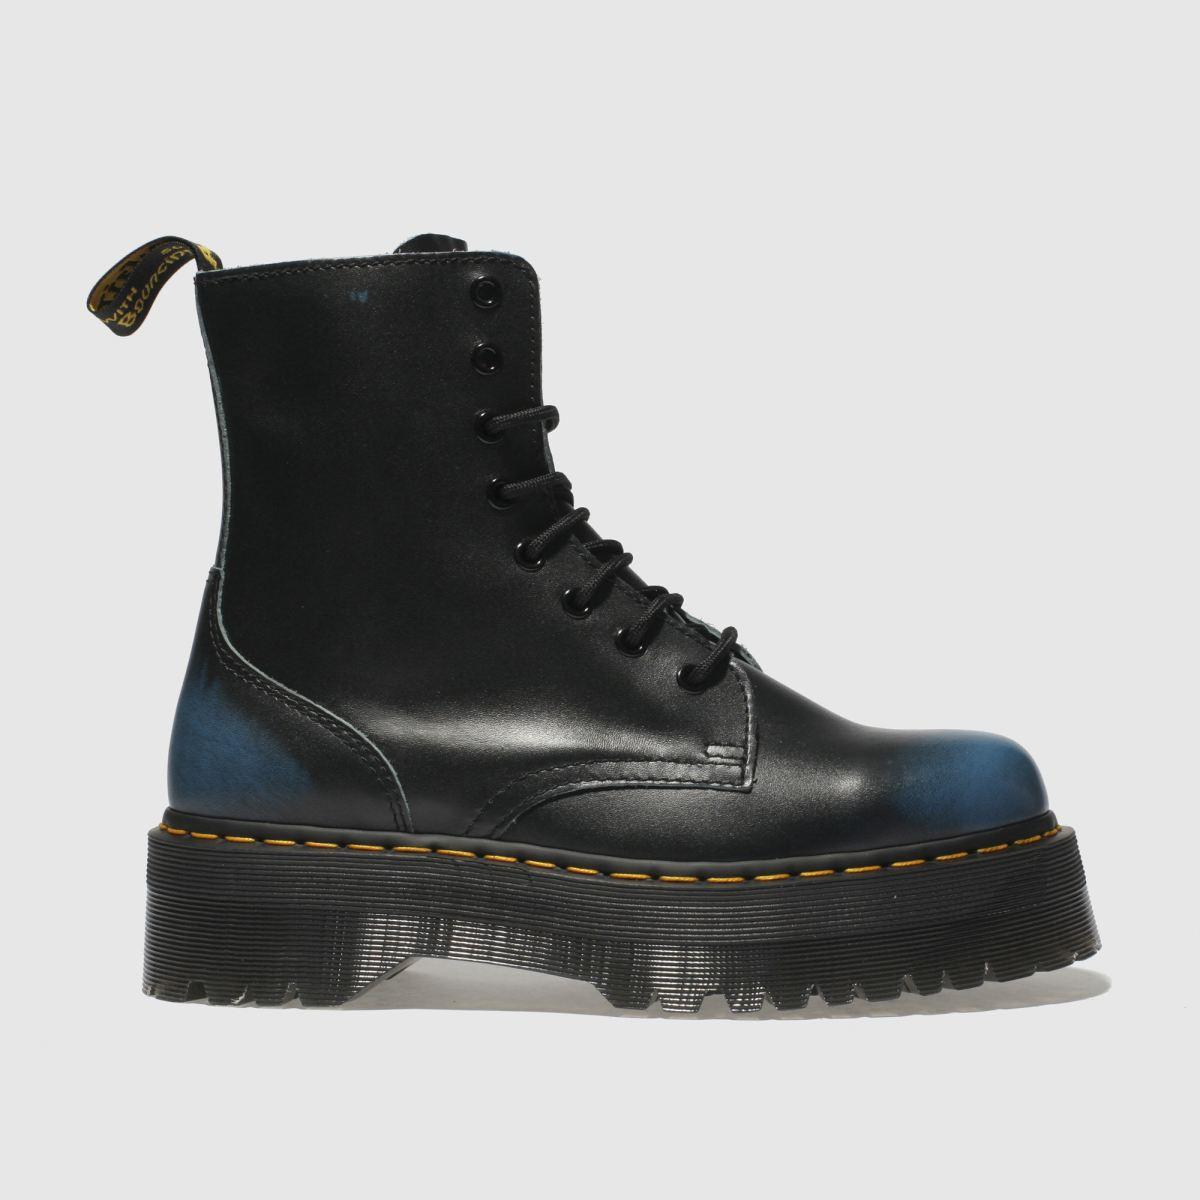 Dr Martens Black And Blue Jadon Vintage Nz Boots